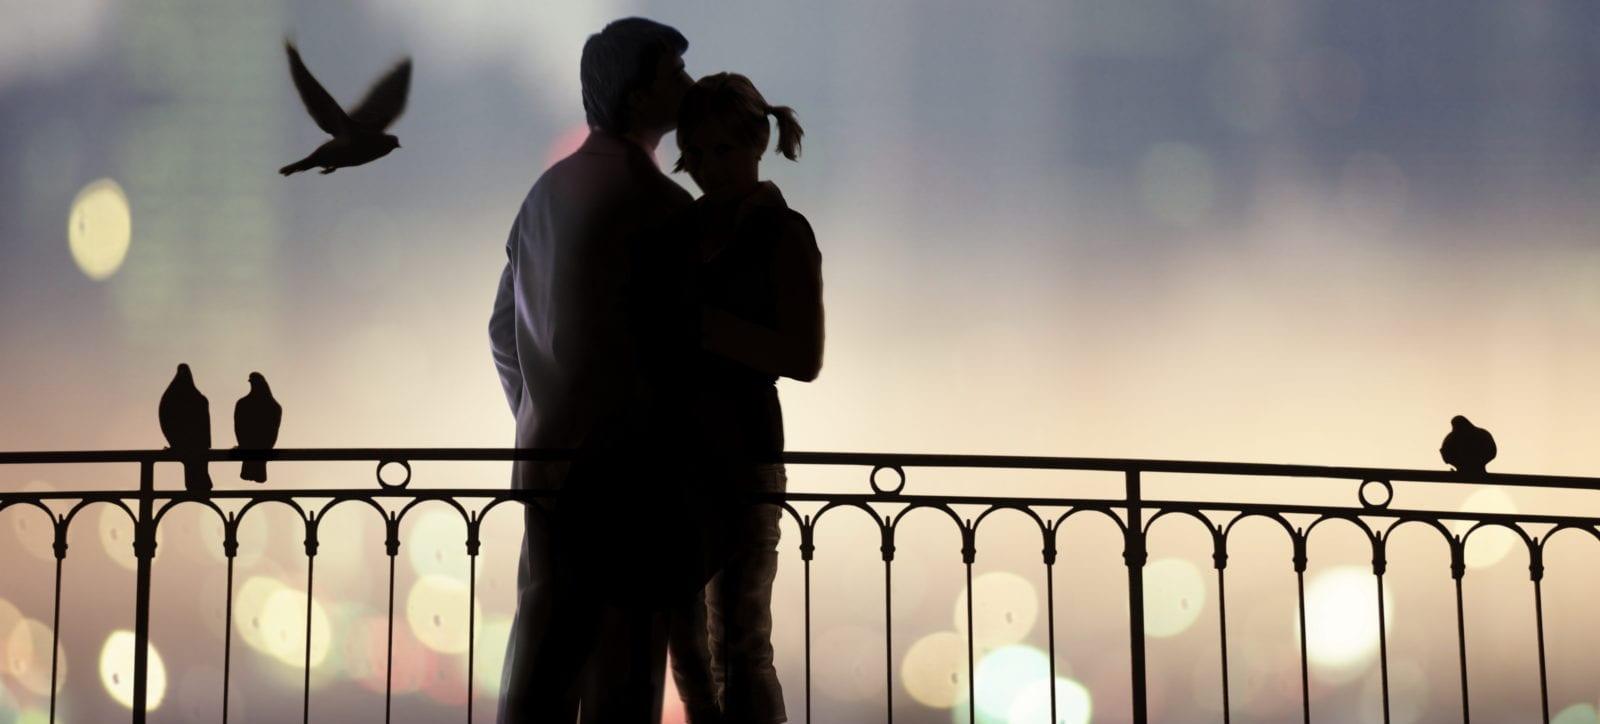 Les 10 faux pas à éviter lors d'un premier rendez-vous